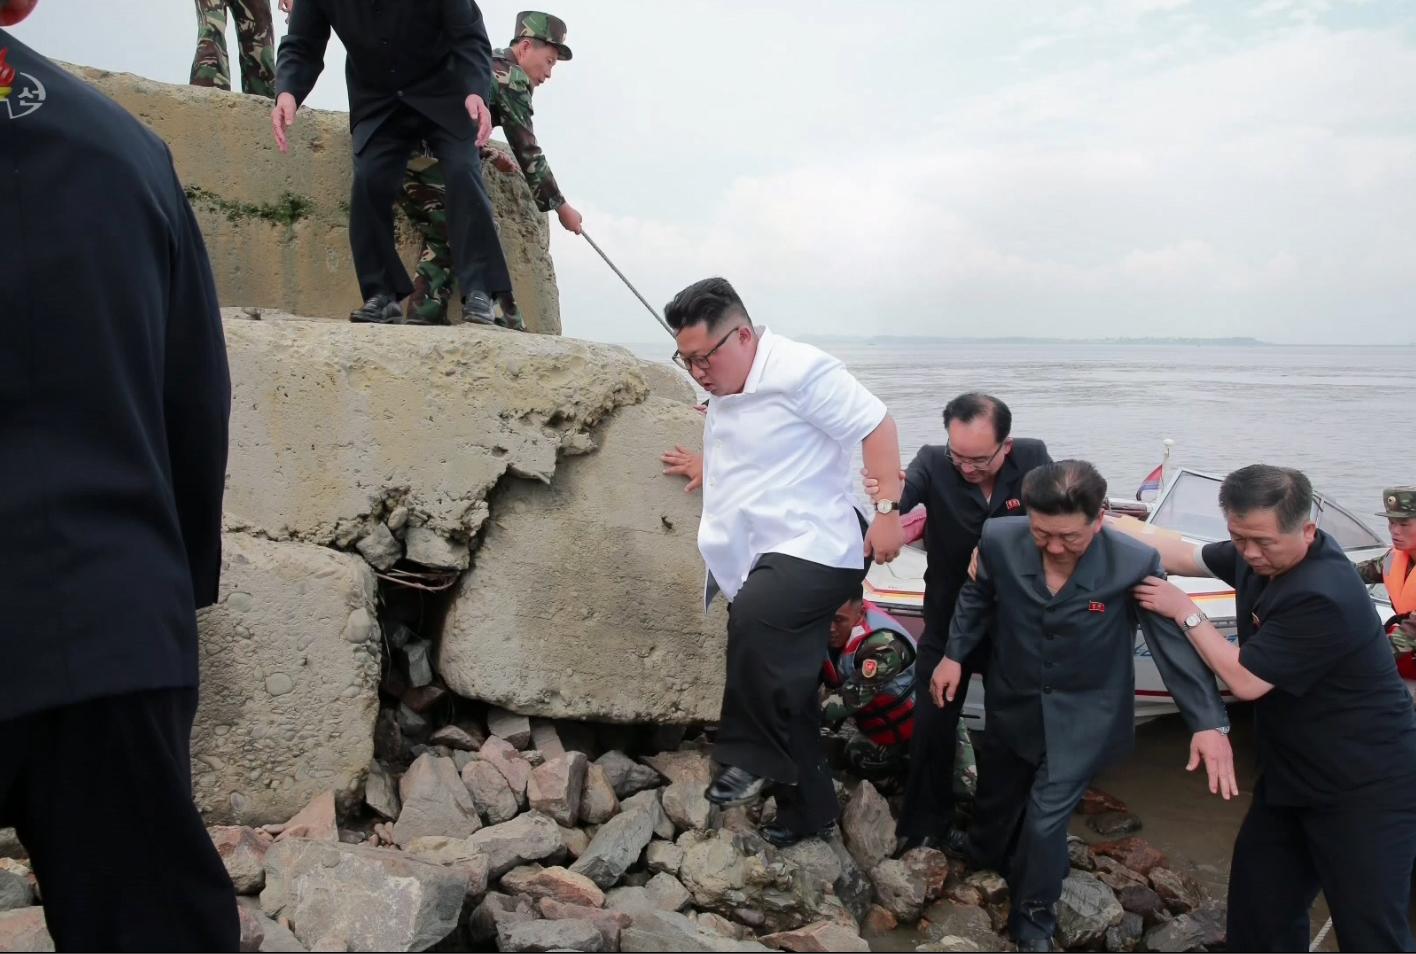 김정은 북한 국무위원장이 비단섬을 방문하기 위해 작은 모터보트에서 내리고 있다.[연합뉴스]